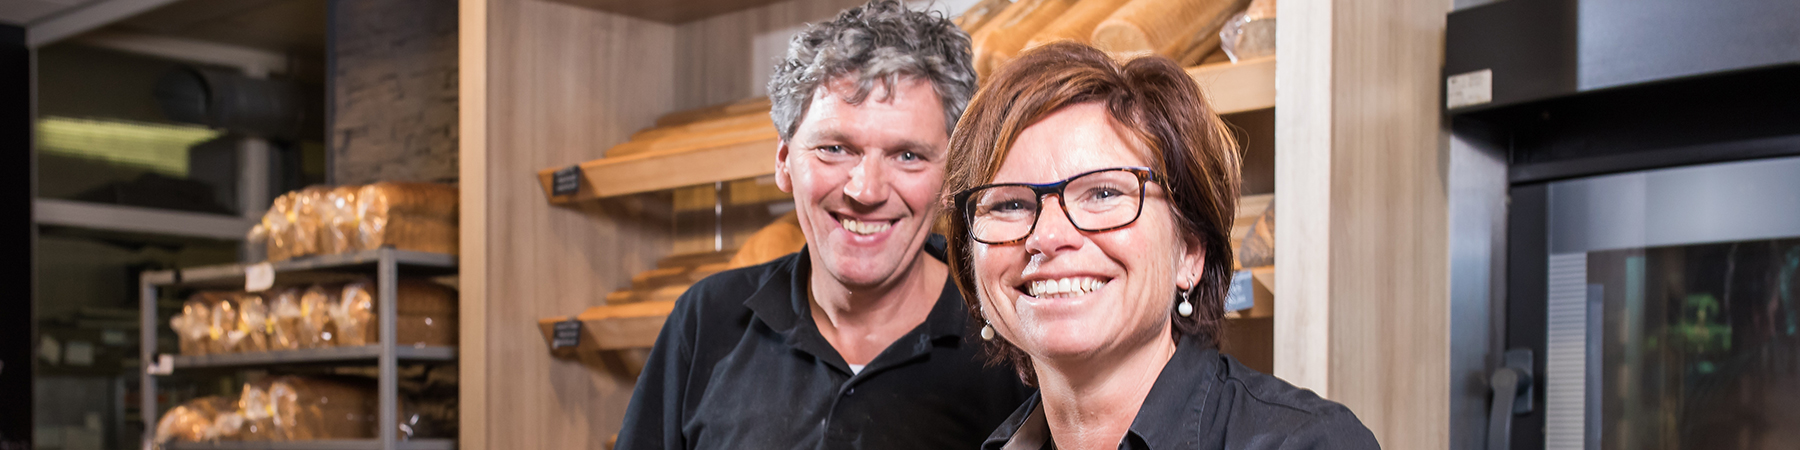 MEE sliderafbeelding - twee mensen in bakkerij